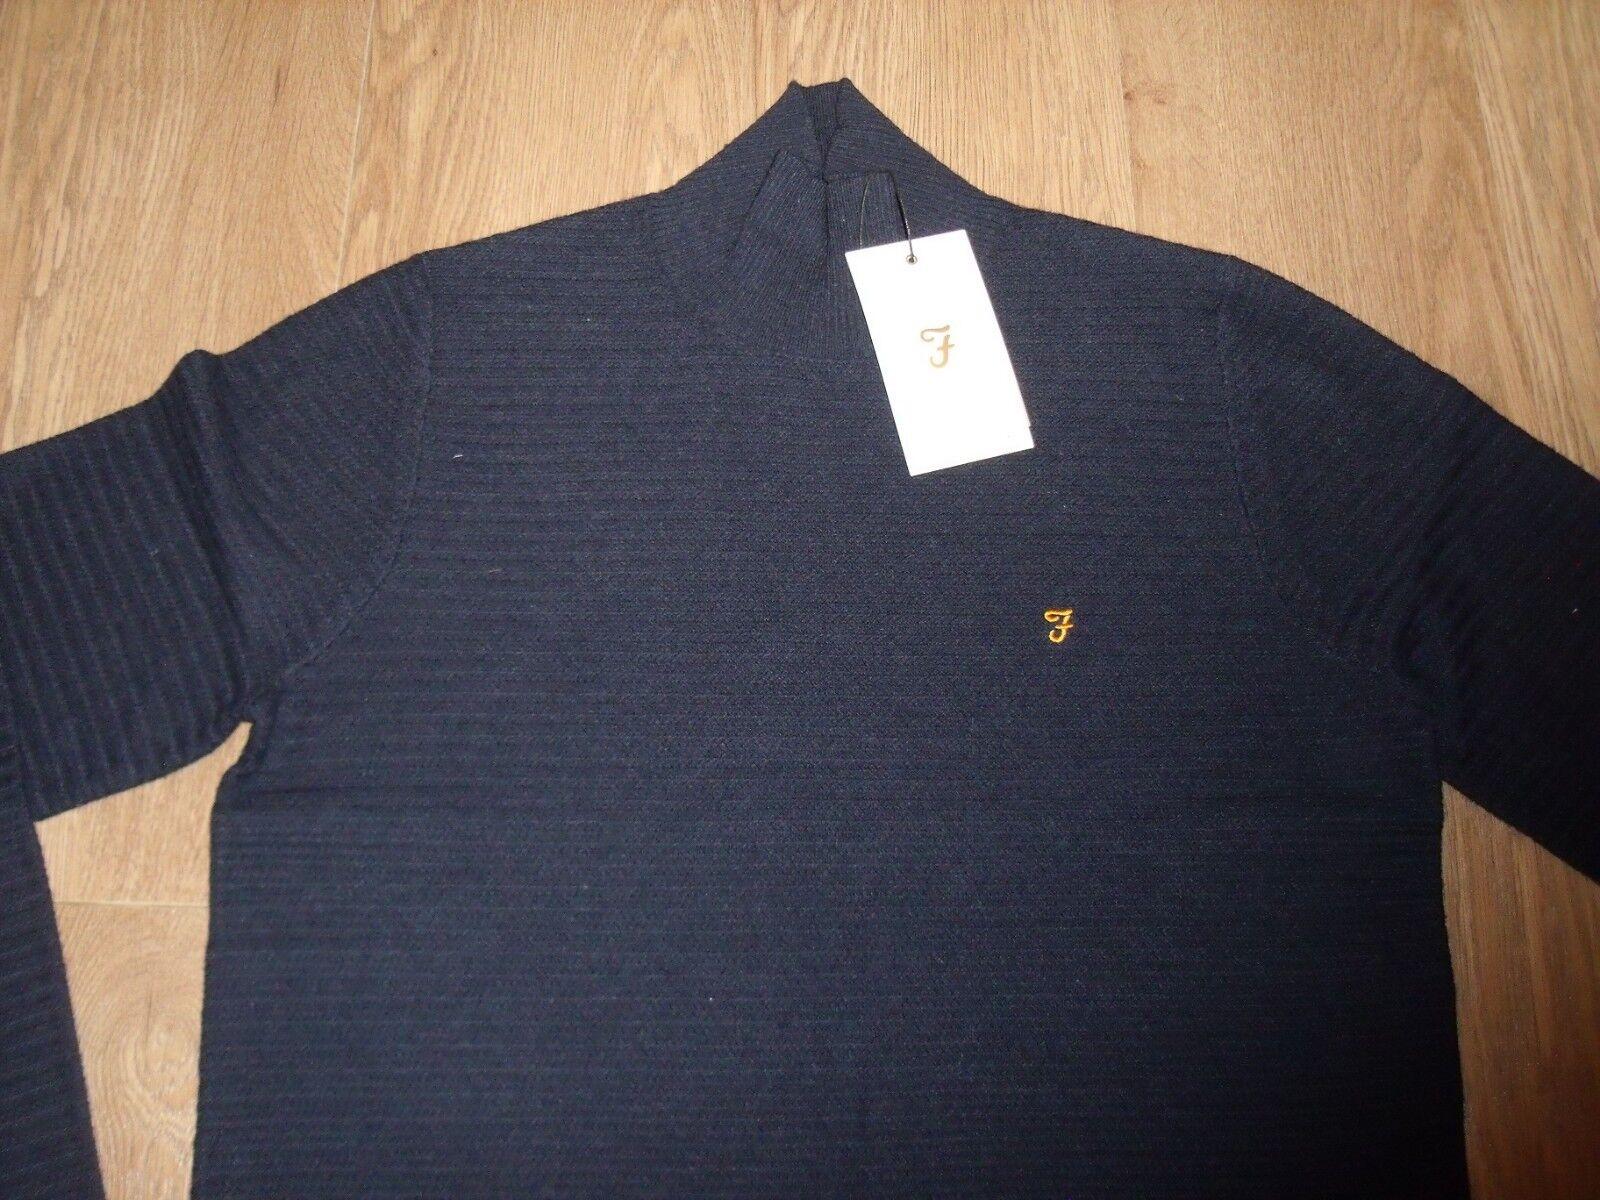 Farah Herren Hochkragen Pullover Marineblau GR. M NEU   Genial Genial Genial Und Praktisch  052858